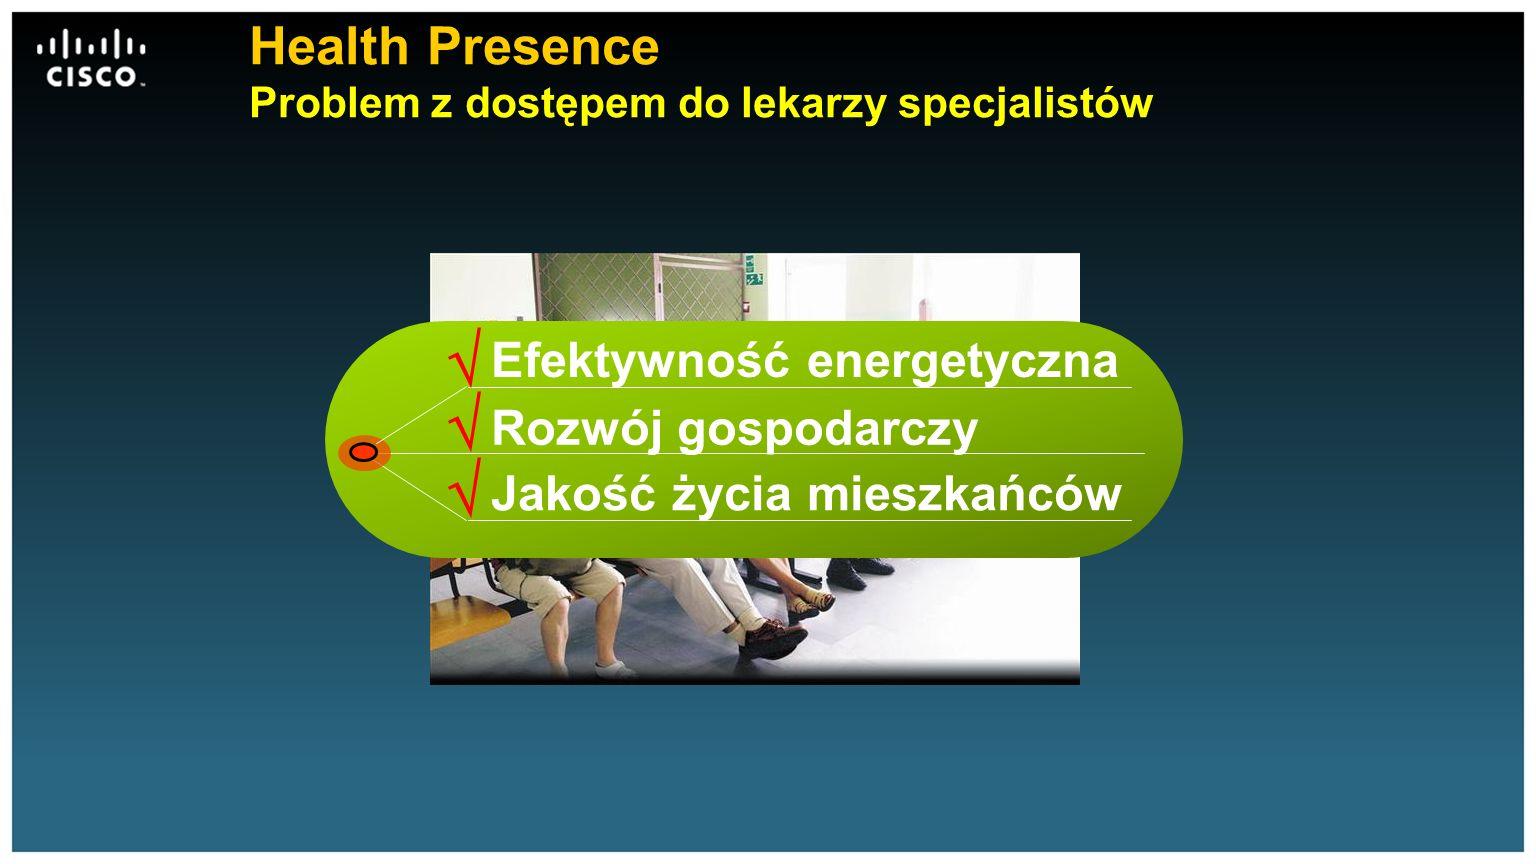 Health Presence Problem z dostępem do lekarzy specjalistów Rozwój gospodarczy Jakość życia mieszkańców Efektywność energetyczna   